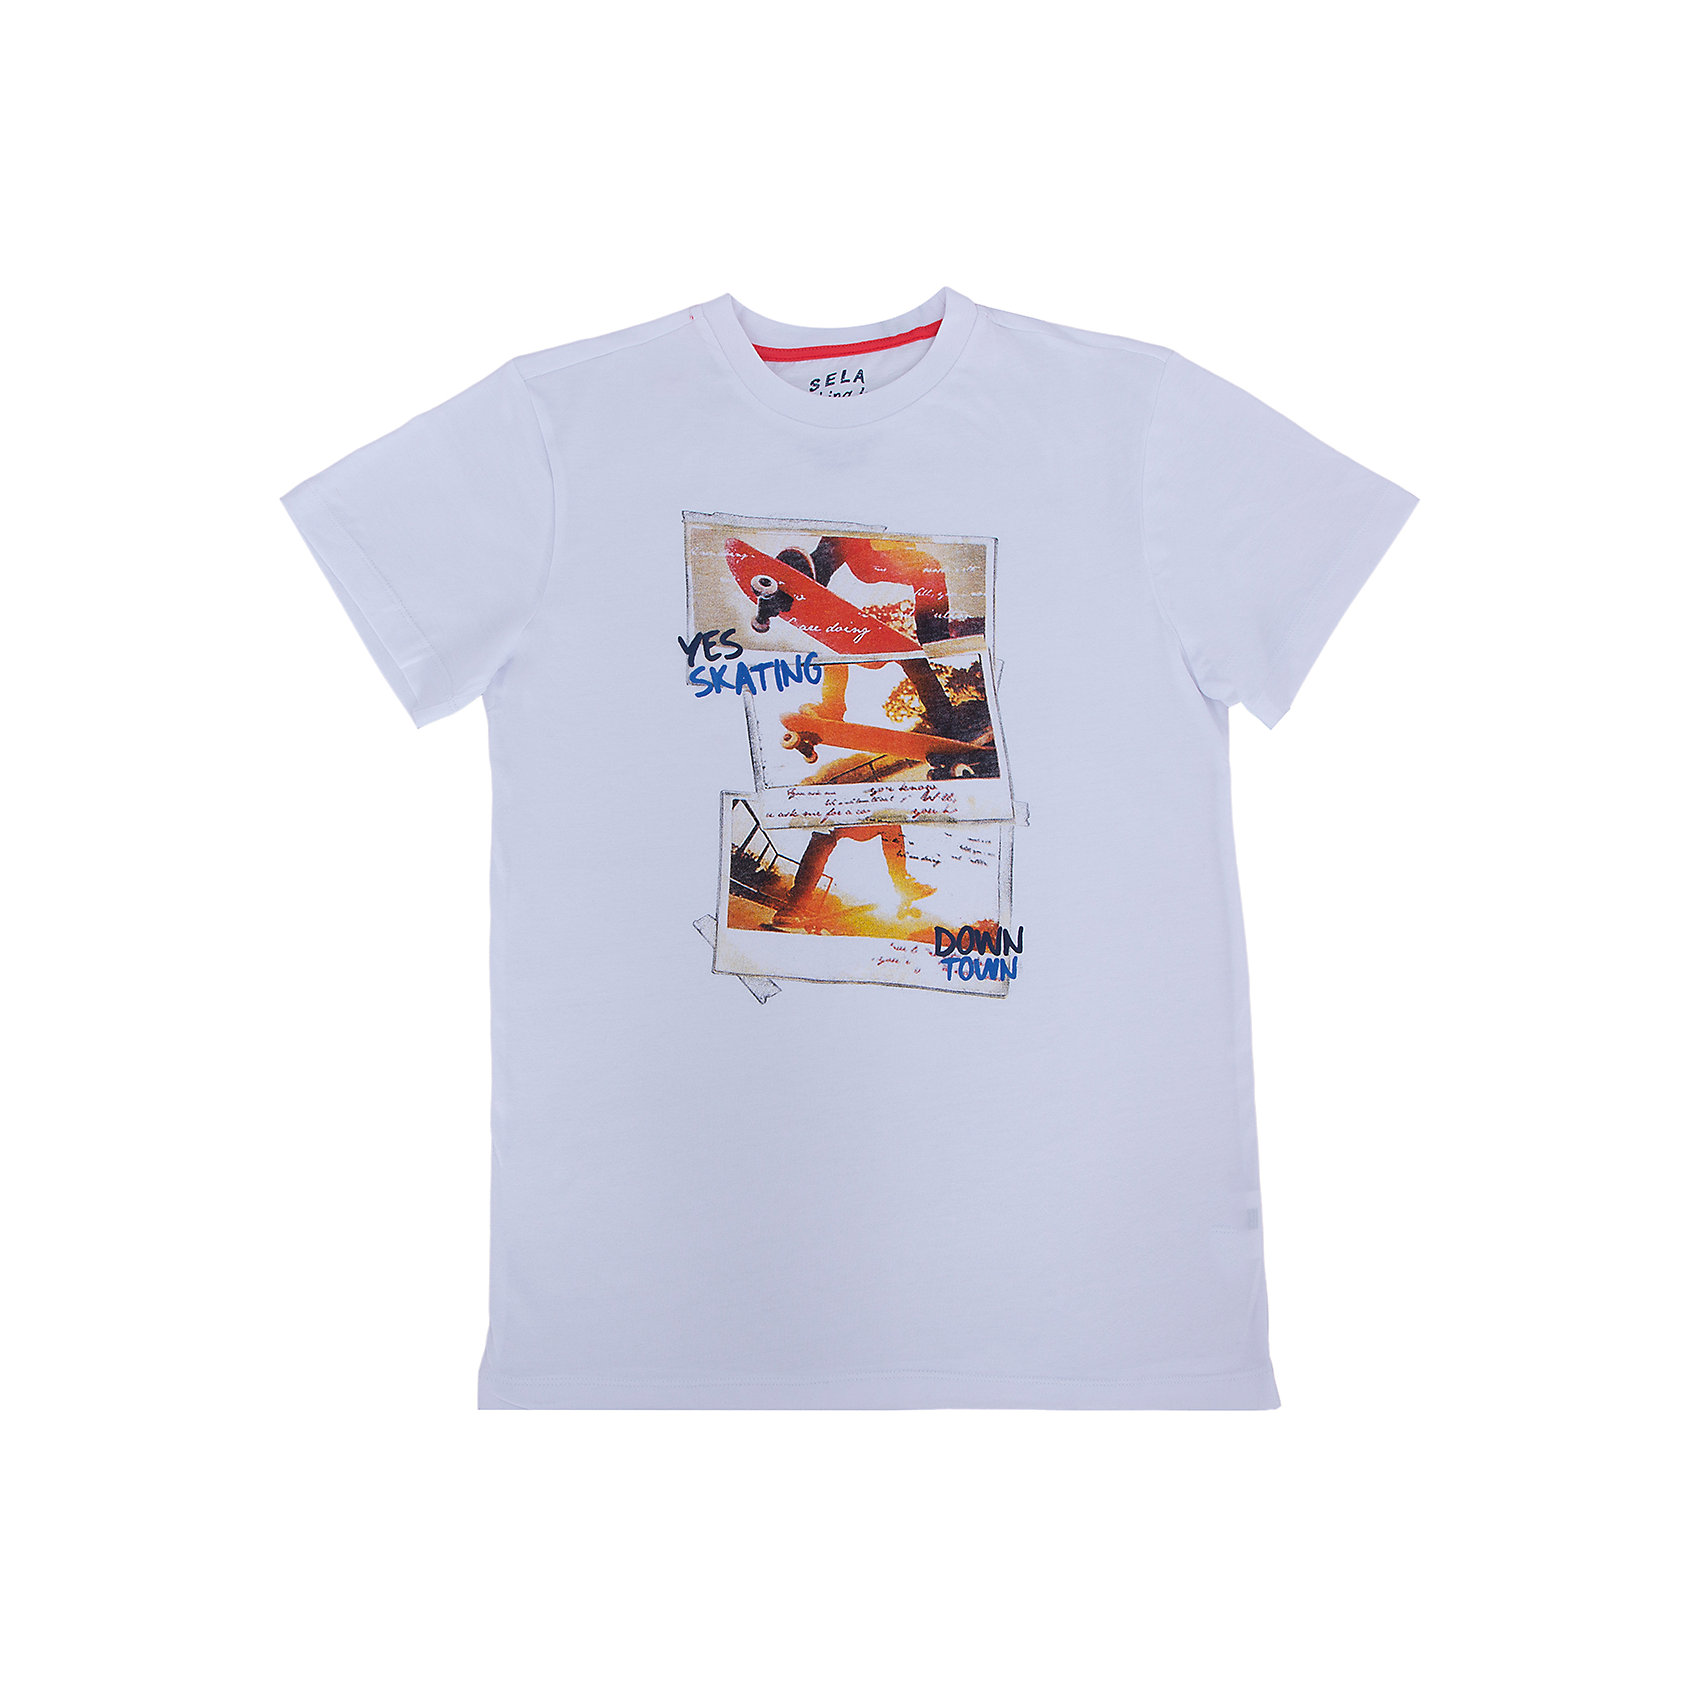 Футболка для мальчика SELAФутболки, поло и топы<br>Модная футболка от известной марки SELА поможет разнообразить летний гардероб мальчика, создать легкий подходящий погоде ансамбль. Удобный крой и качественный материал обеспечат ребенку комфорт при ношении этой вещи. <br>На горловине изделия - мягкая окантовка. Материал - натуральный хлопок, дышащий и гипоаллергенный. Футболка декорирована модным принтом.<br><br>Дополнительная информация:<br><br>материал: 100% хлопок;<br>цвет: белый;<br>декорирована принтом;<br>короткие рукава;<br>круглый горловой вырез;<br>уход за изделием: стирка в машине при температуре до 30°С, не отбеливать, гладить при низкой температуре.<br><br>Футболку от бренда SELА (Села) можно купить в нашем магазине.<br><br>Ширина мм: 230<br>Глубина мм: 40<br>Высота мм: 220<br>Вес г: 250<br>Цвет: белый<br>Возраст от месяцев: 132<br>Возраст до месяцев: 144<br>Пол: Мужской<br>Возраст: Детский<br>Размер: 152,122,128,116,134,140,146<br>SKU: 4741263